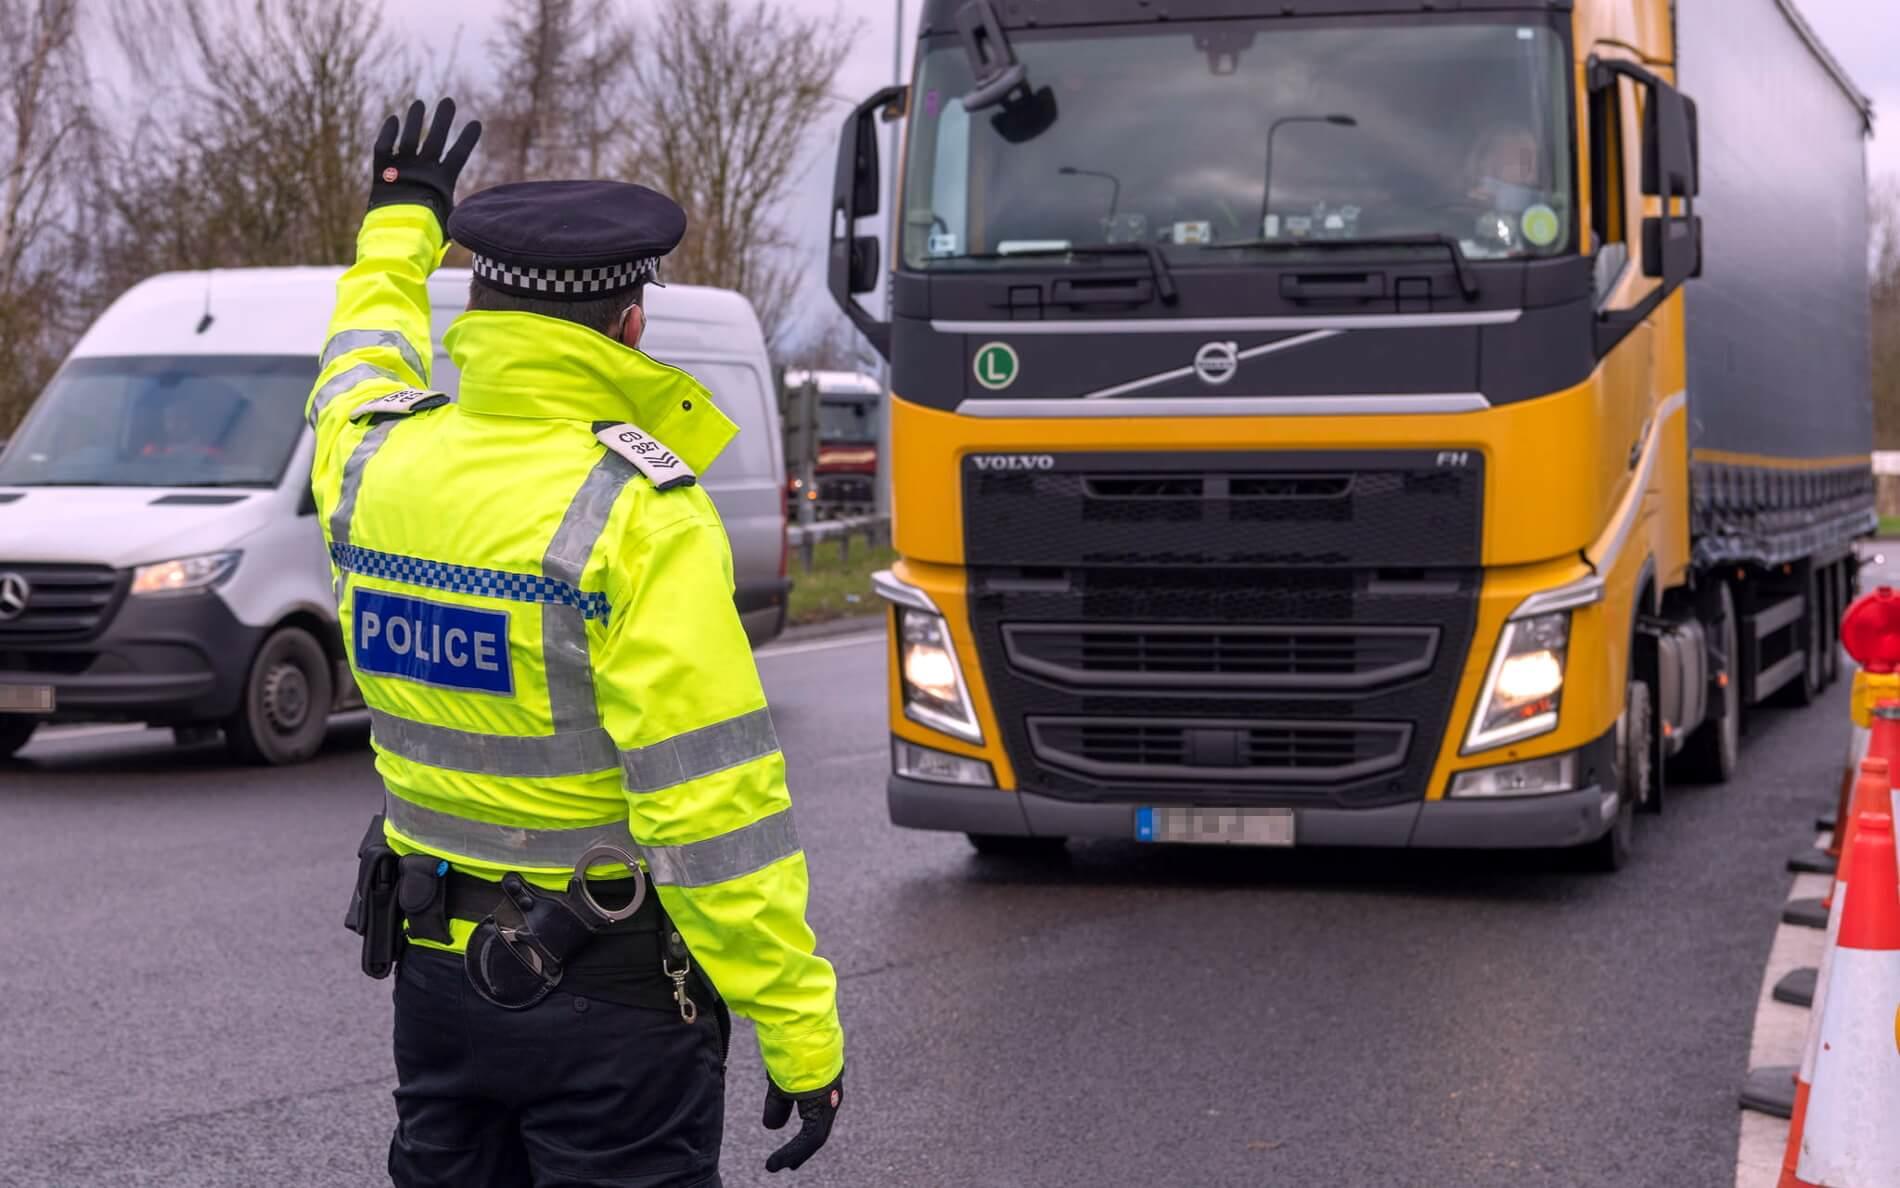 Az Egyesült Királyság új szabályokat vezet be az országba való beutazásra vonatkozóan. Ez a tehergépkocsi sofőrökre is vonatkozik